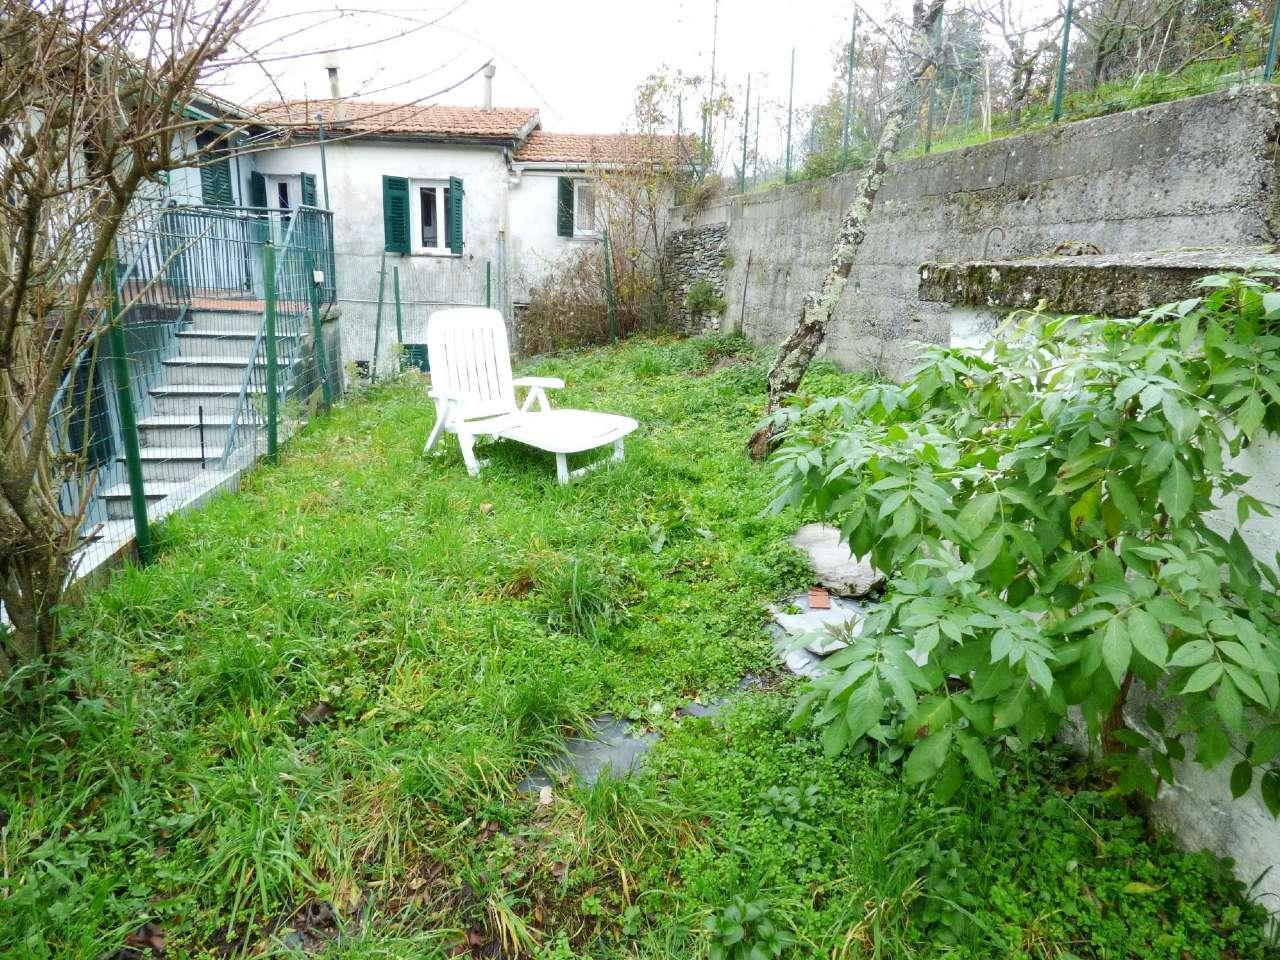 Soluzione Semindipendente in vendita a Bargagli, 4 locali, prezzo € 69.000 | Cambio Casa.it